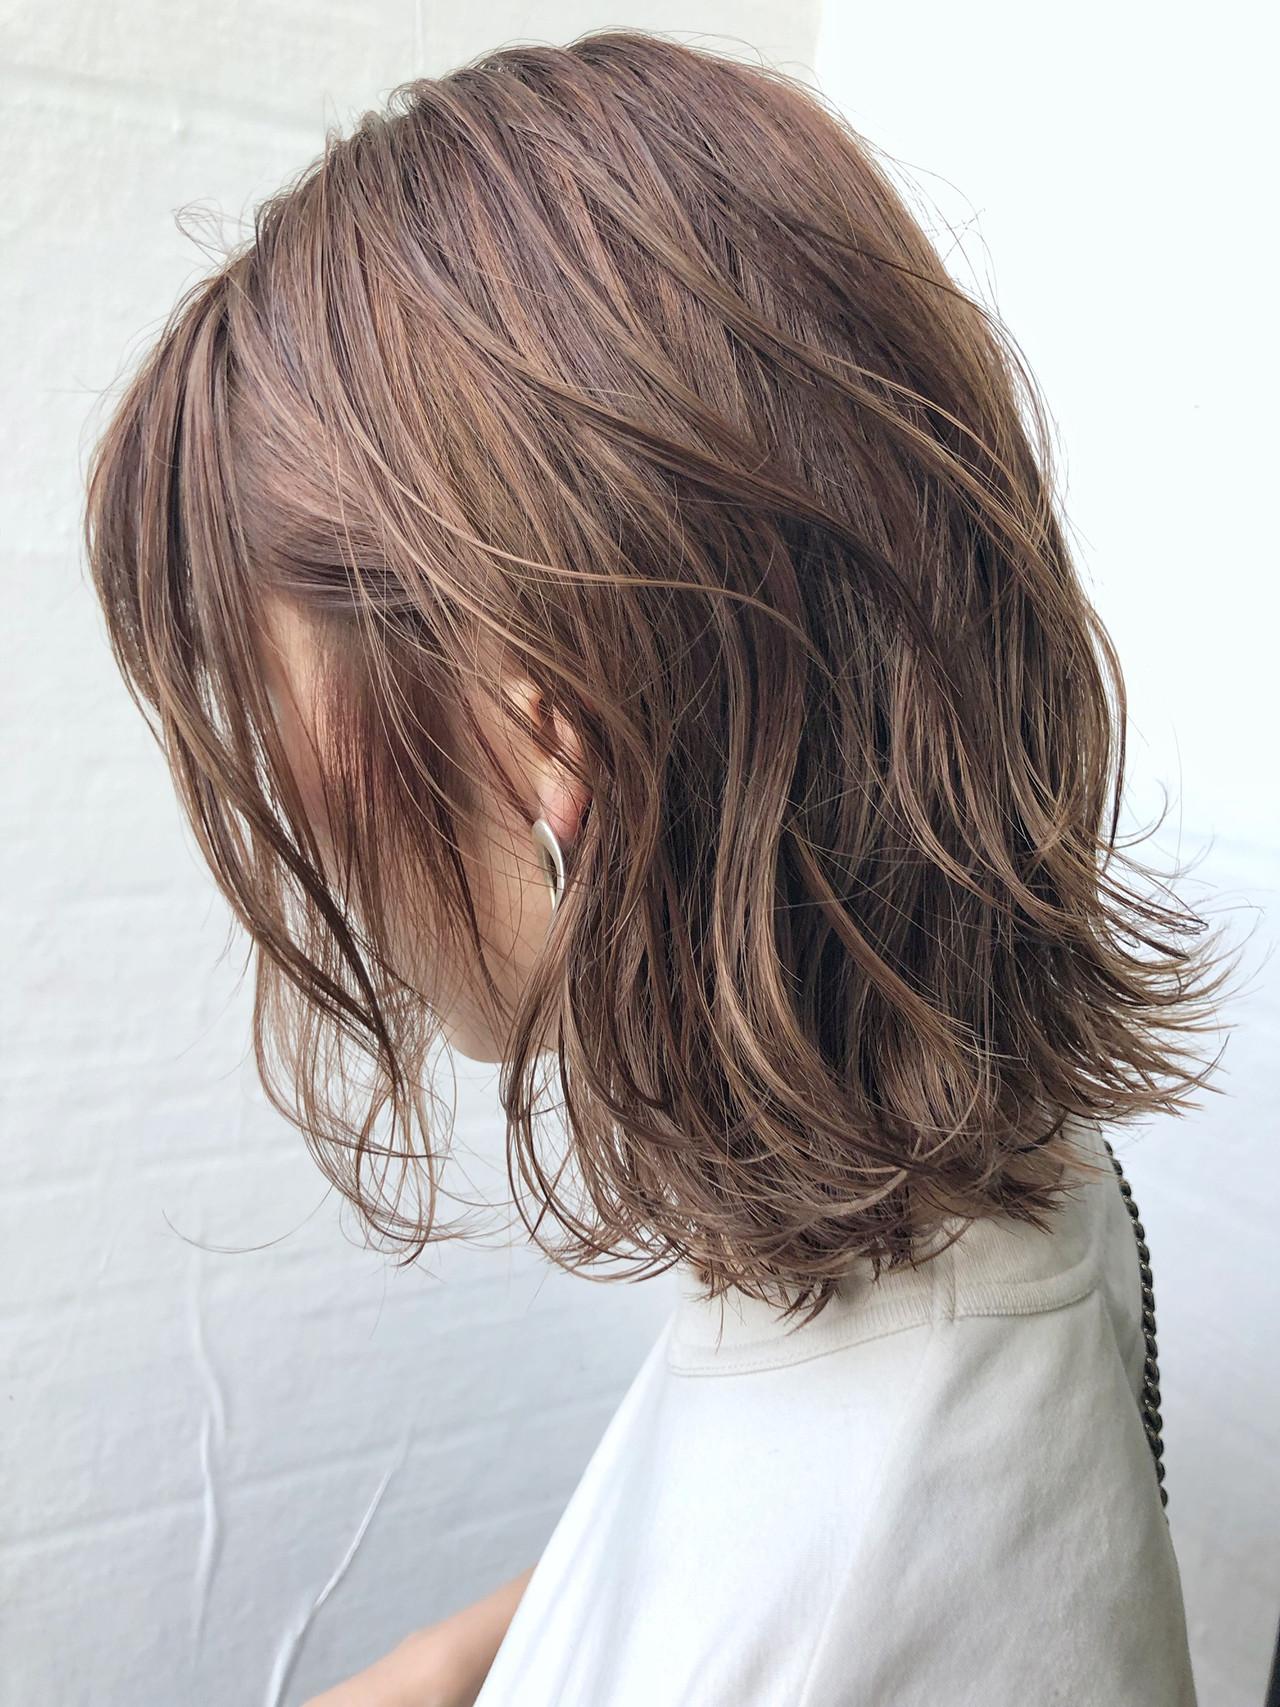 秋ブラウン ショコラブラウン ミディアム ブラウンベージュ ヘアスタイルや髪型の写真・画像